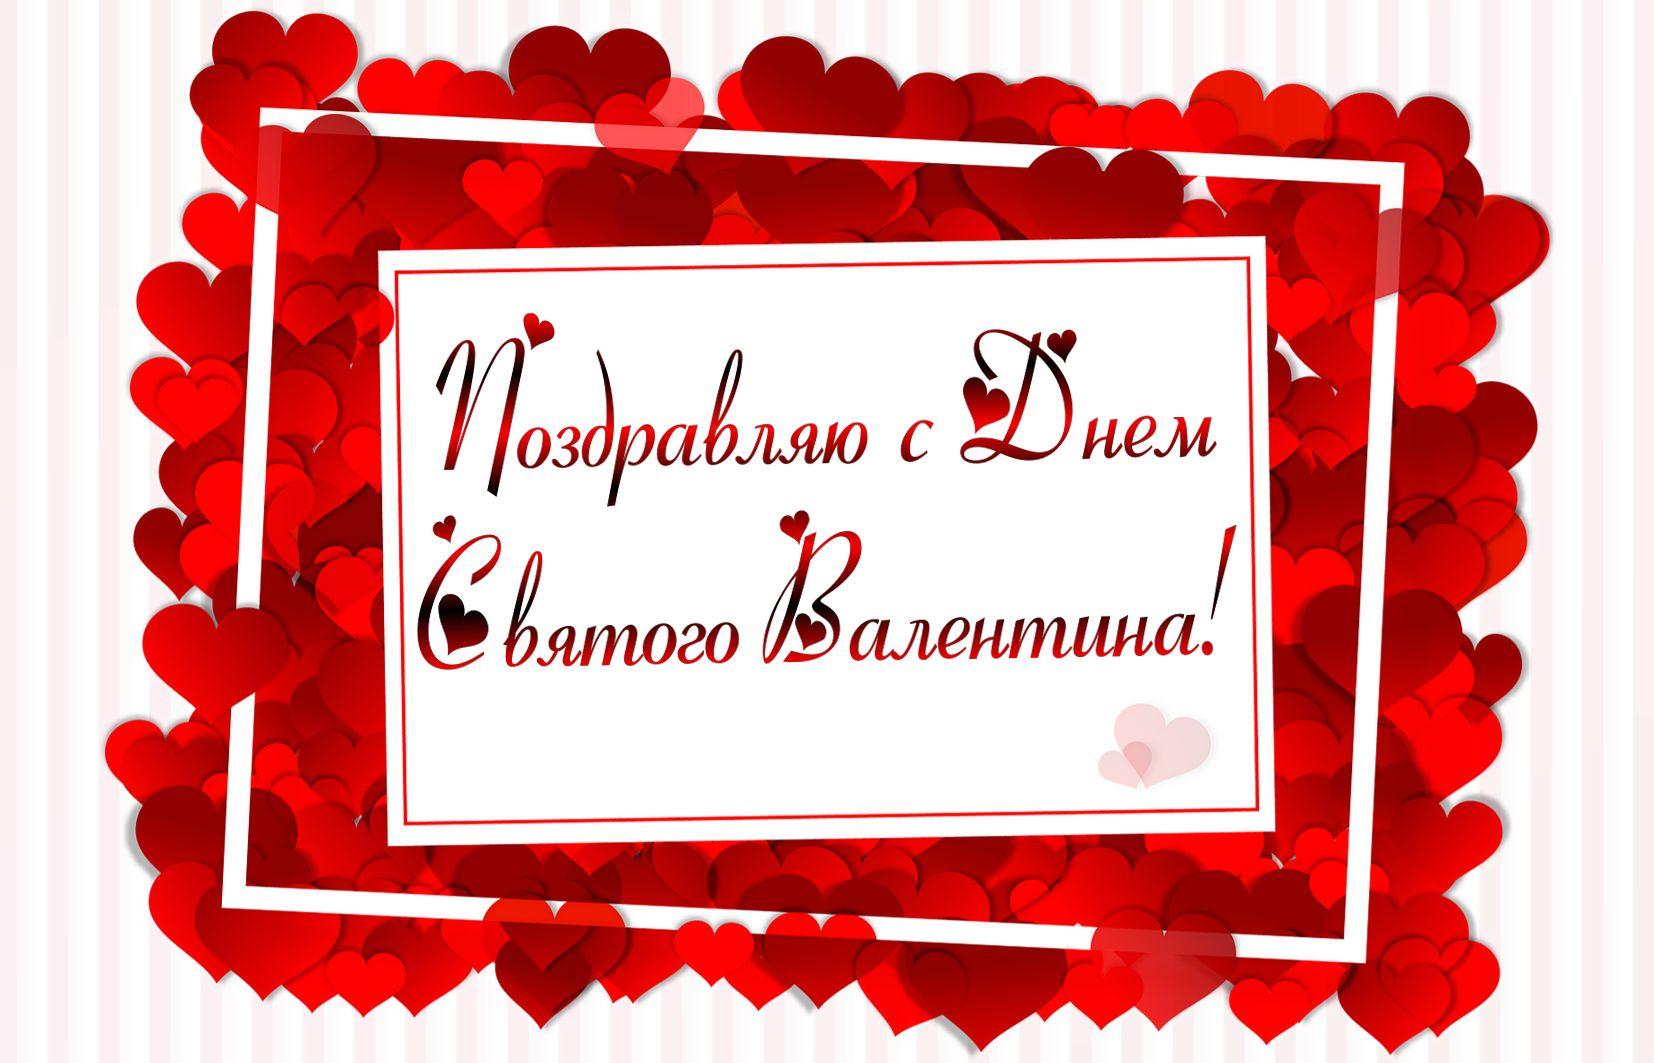 Открытка с днём Святого Валентина - поздравление в рамке из сердец